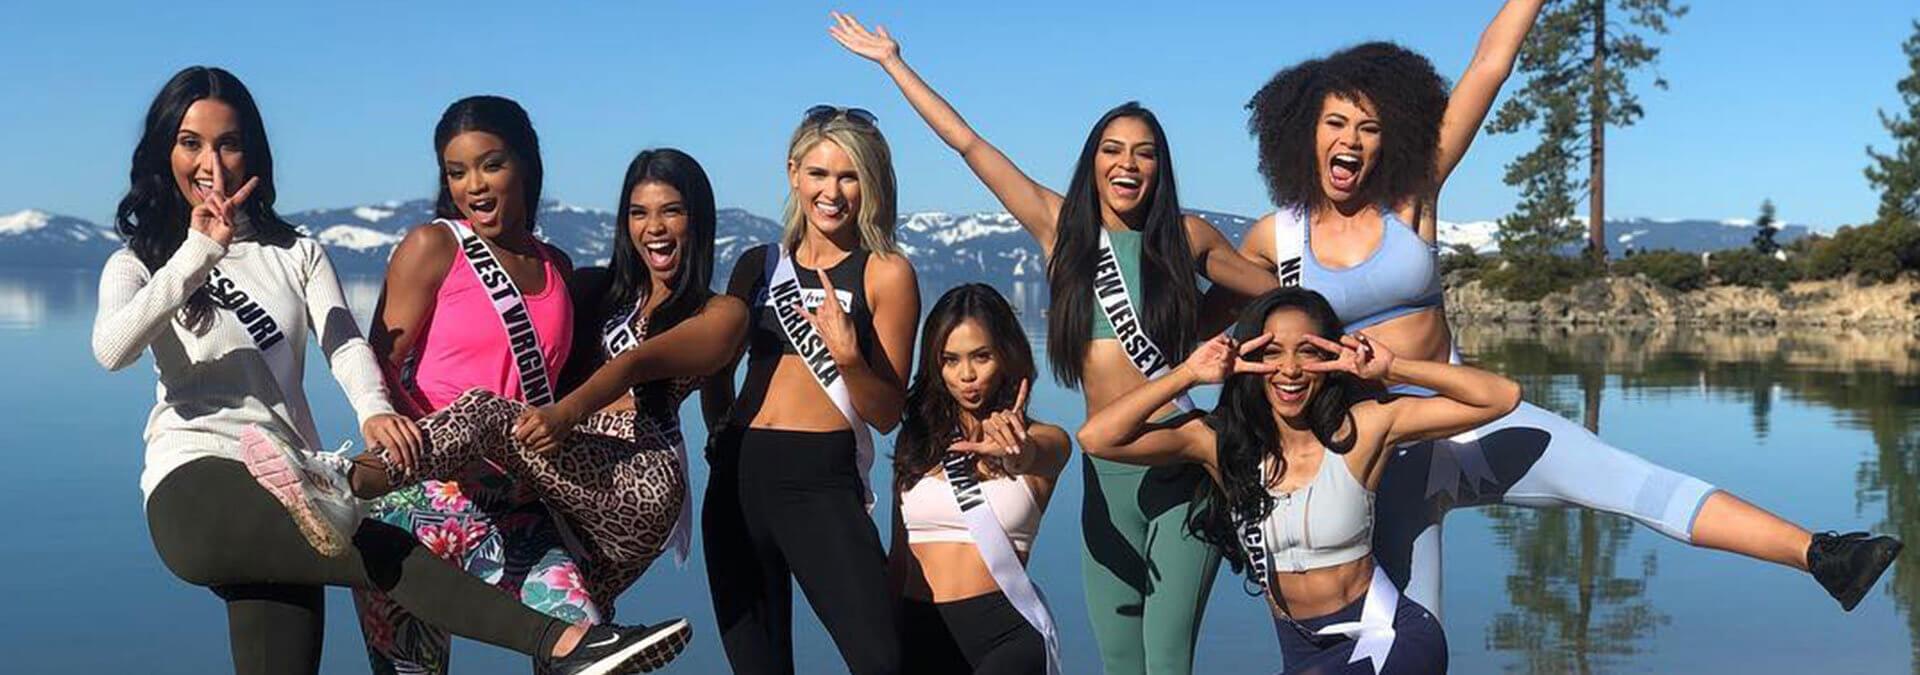 2019 Miss USA Reno Lake Tahoe